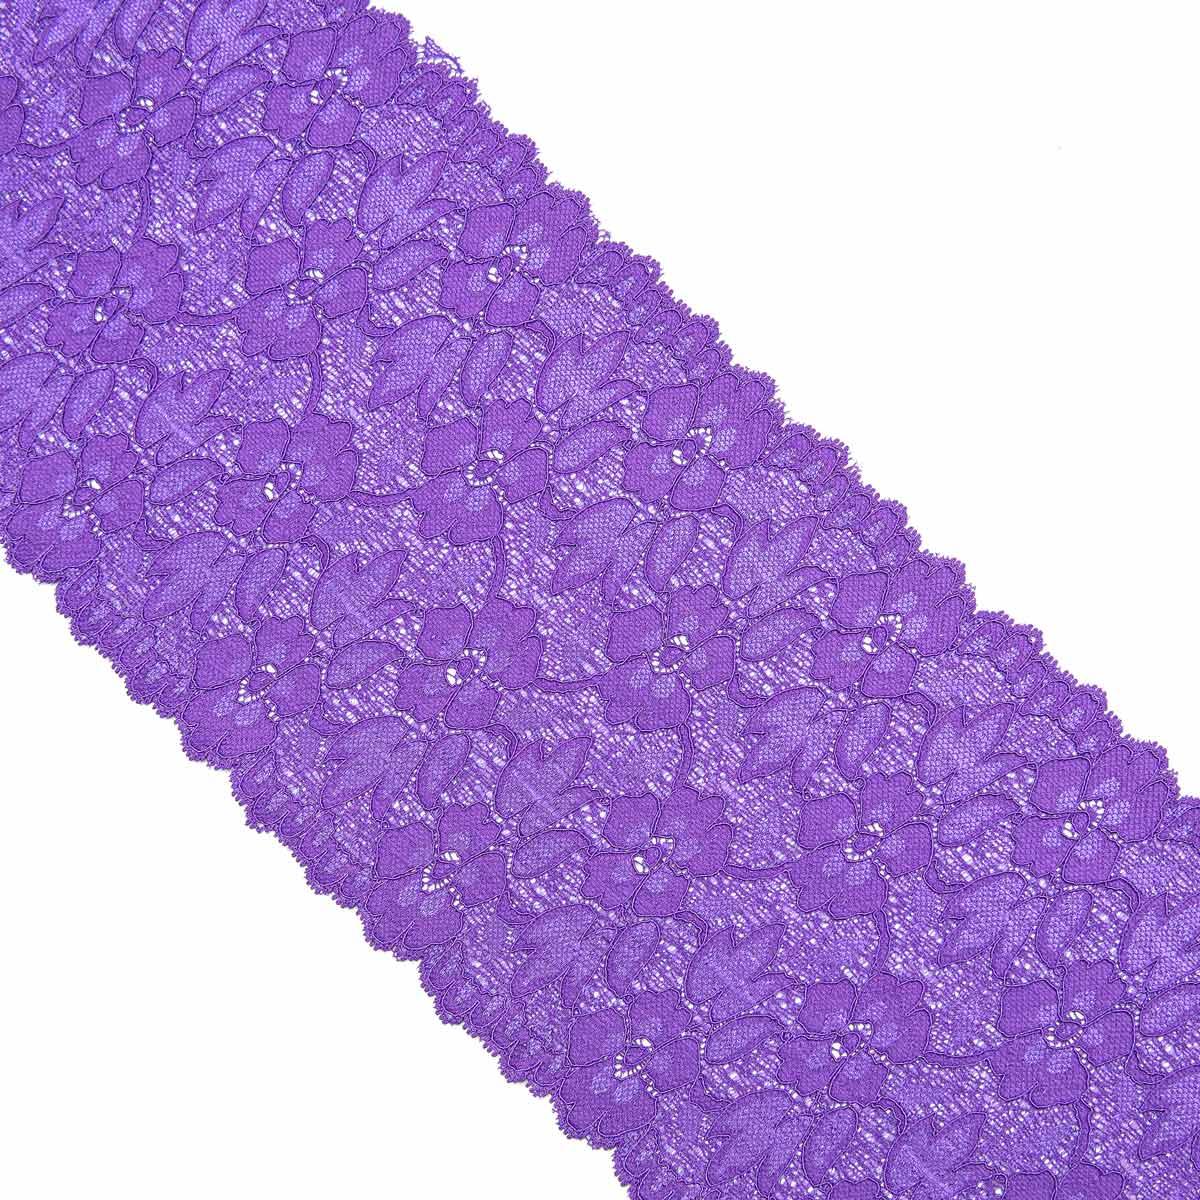 3AR364 Кружево эластичное 16см*9,14м (06 ярко-фиолетовый) фото